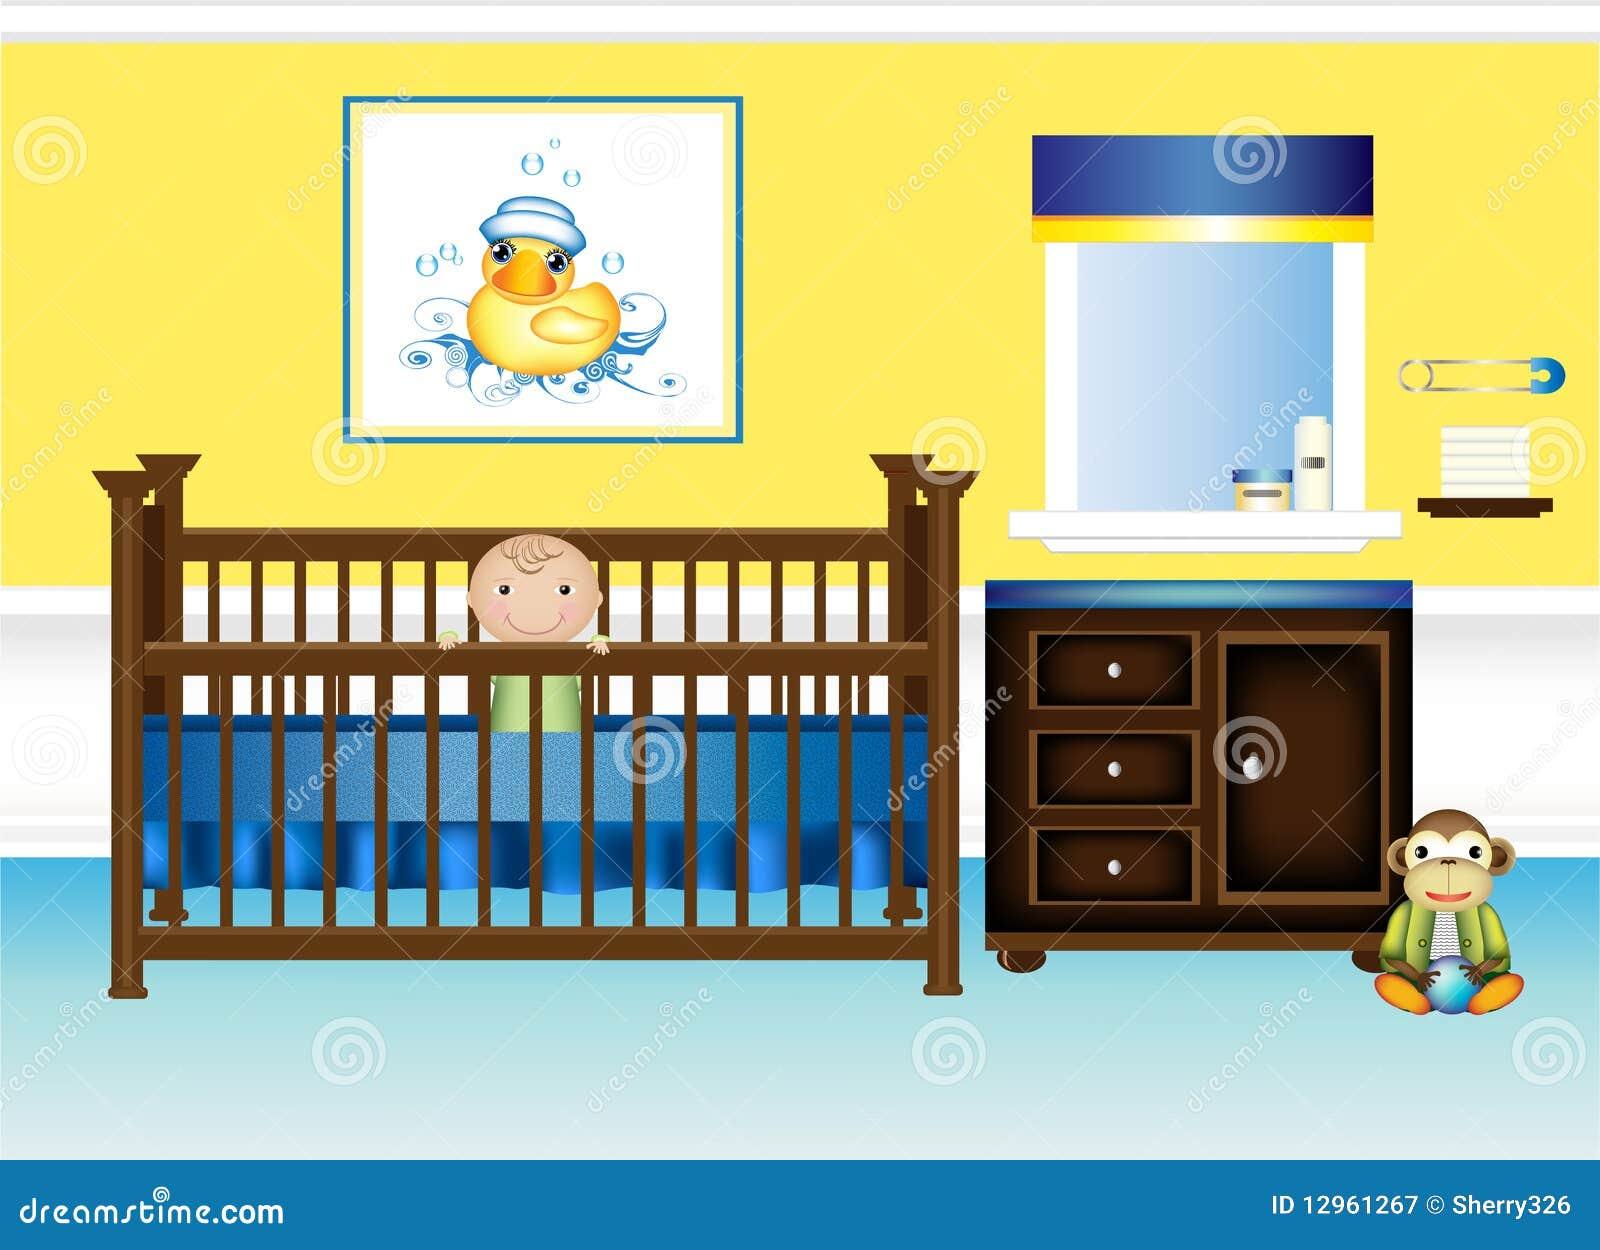 De slaapkamer van het kinderdagverblijf van de baby in geel en blauw vector illustratie - Baby slaapkamer ...